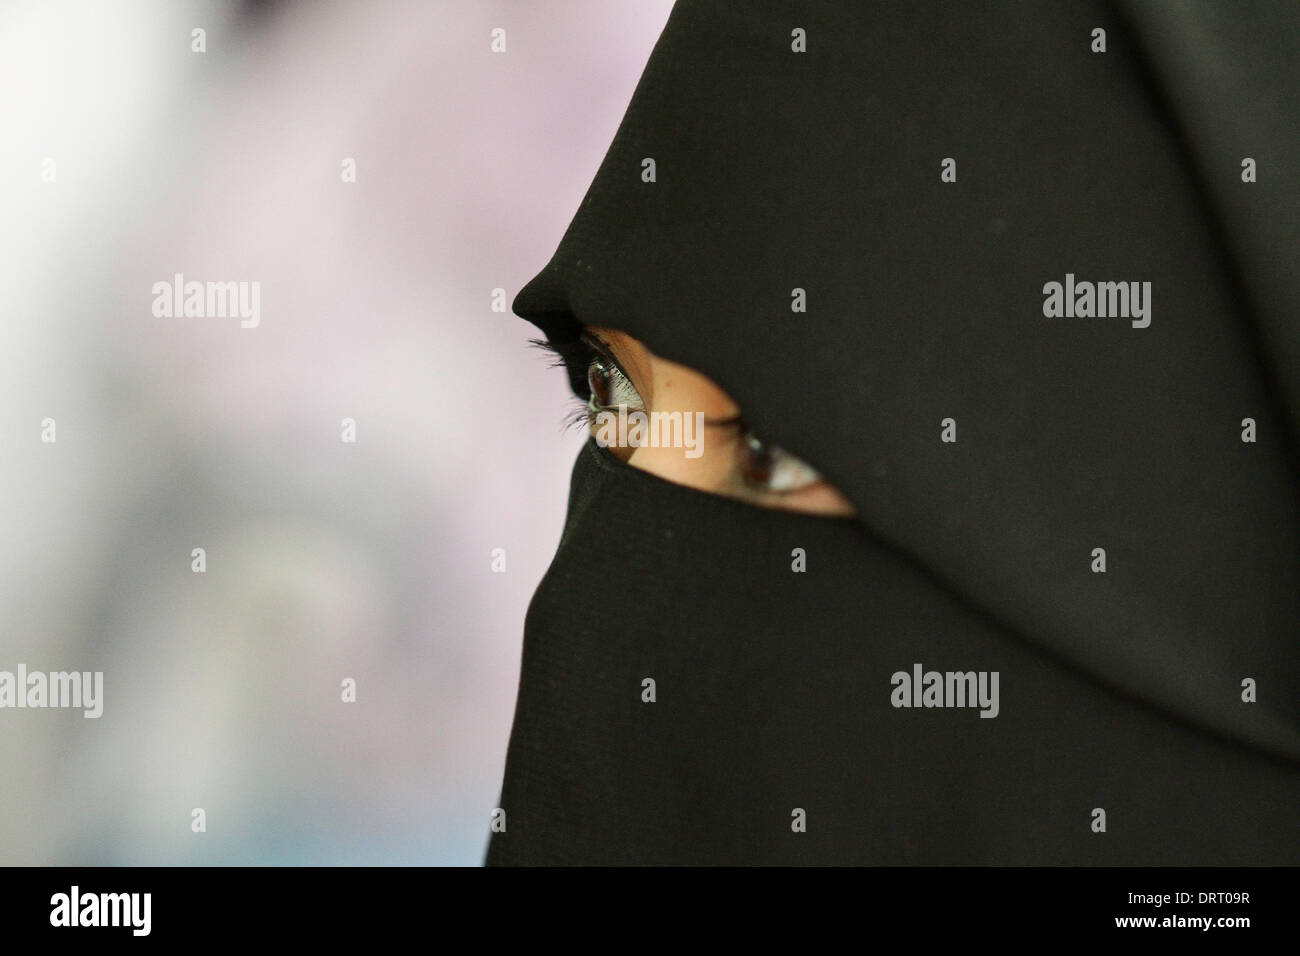 Quezon, Philippinen. 1. Februar 2014. Eine muslimische Frau ein volles Gesicht Hijab tragen besucht die Welt Hijad Stockfoto